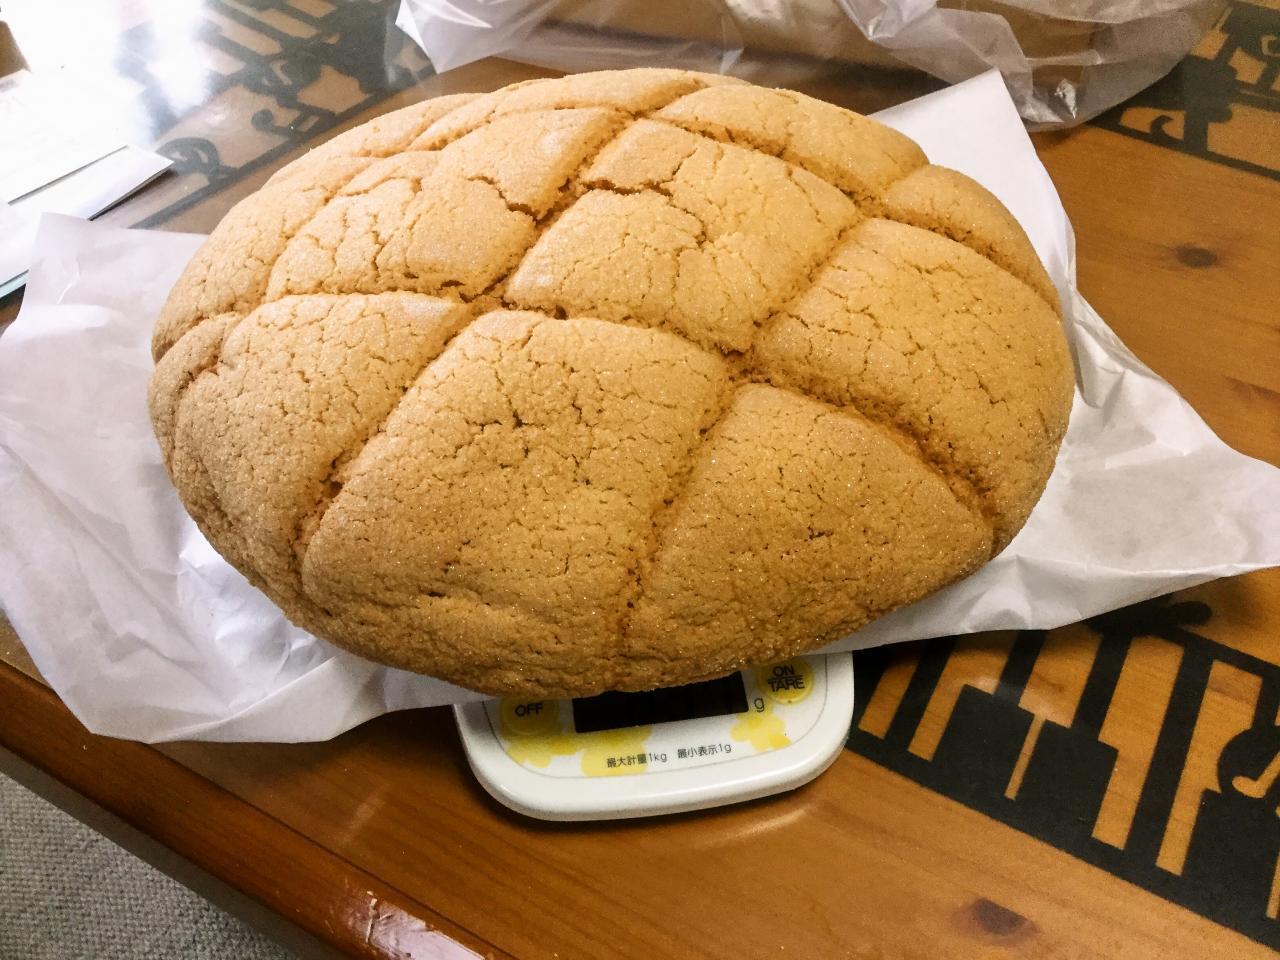 カラヘオ藤沢店(Wスーパーメロンパン)